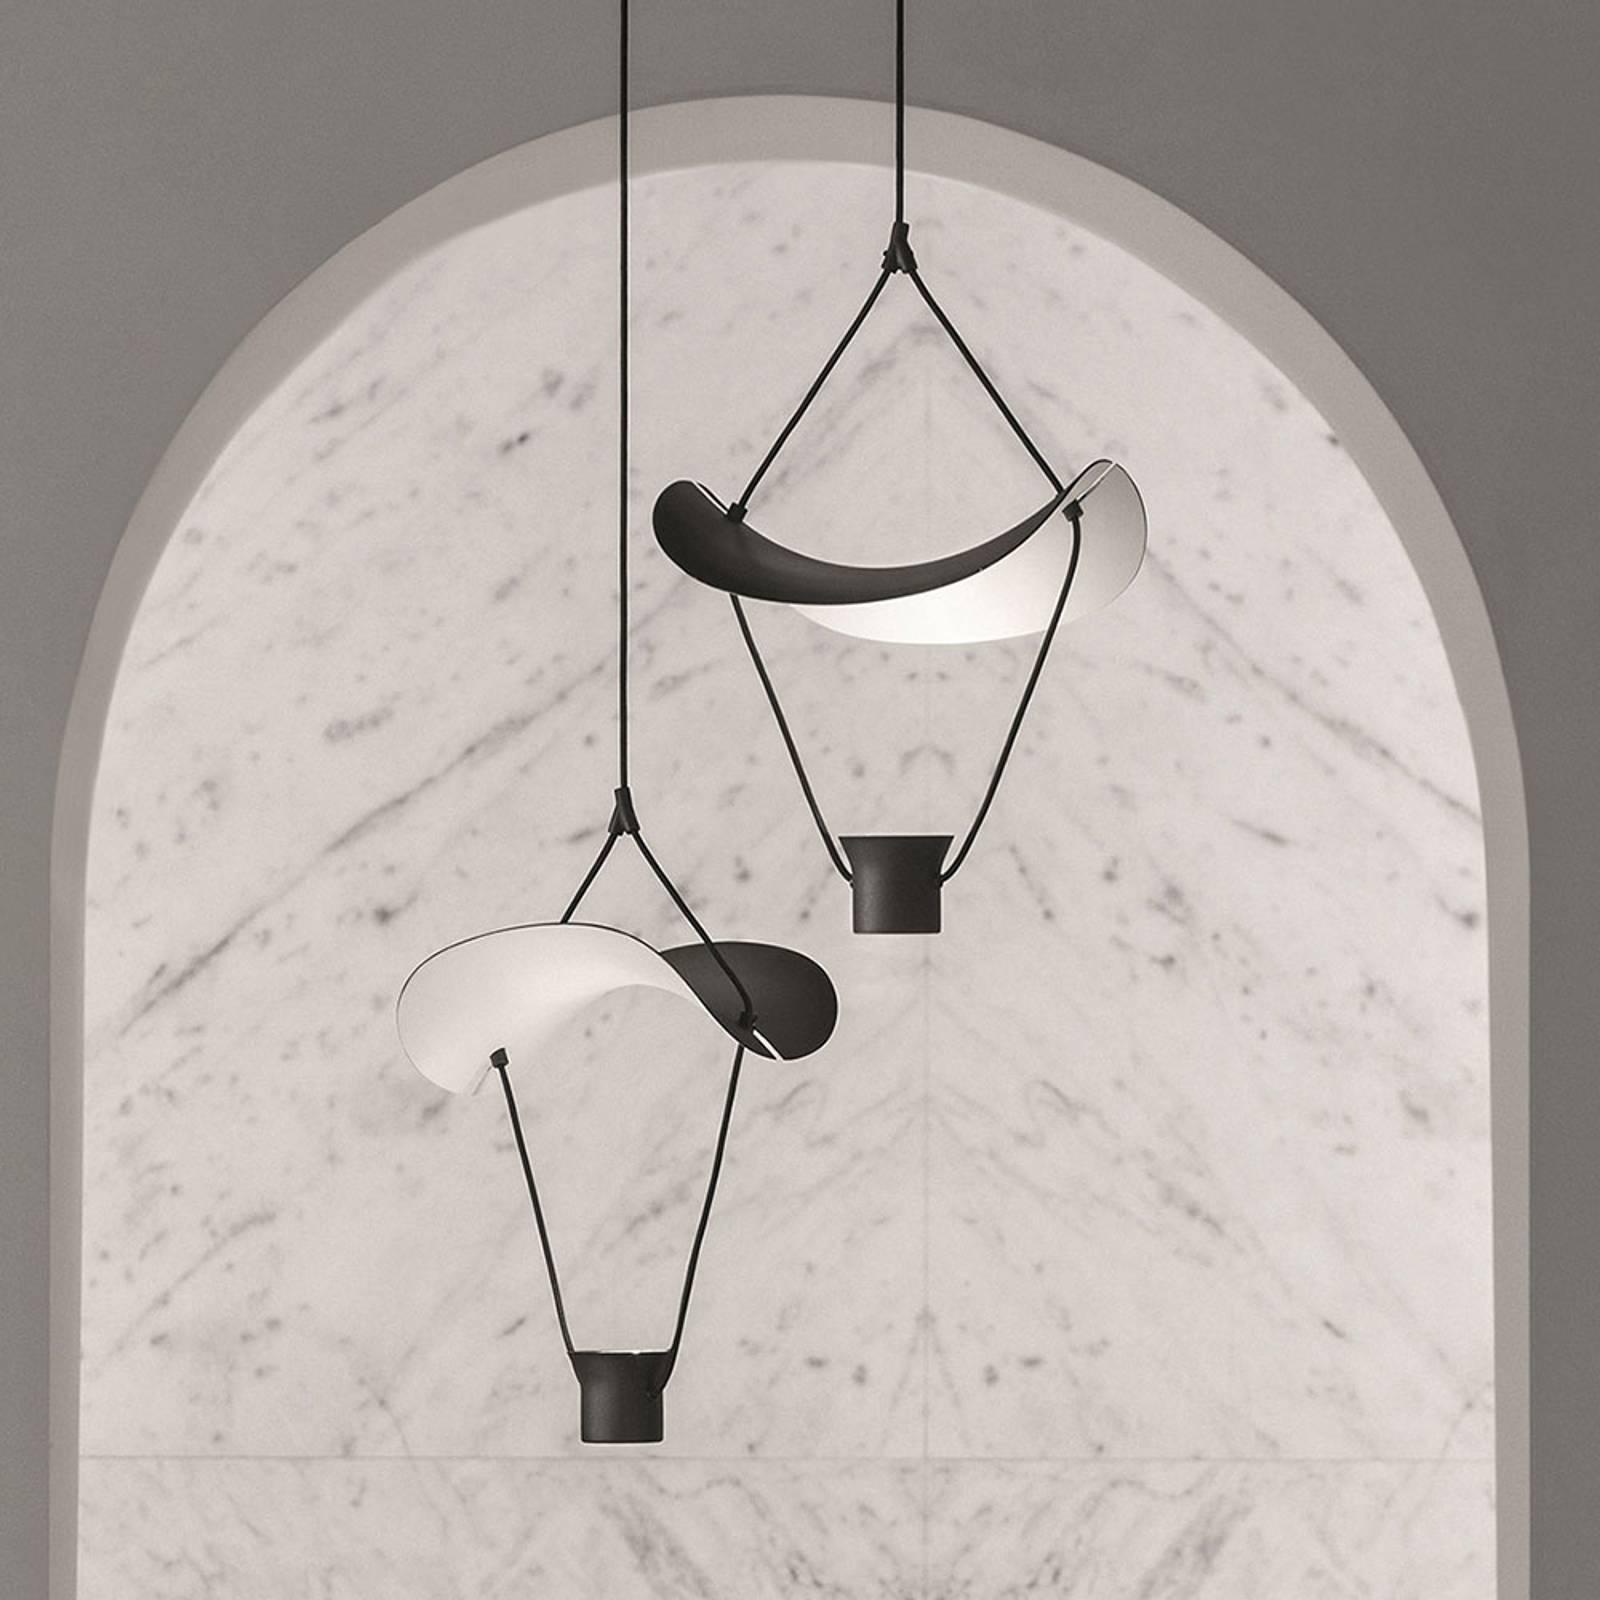 LED-Hängeleuchte Vollee S1 P, 44cm, Down, schwarz